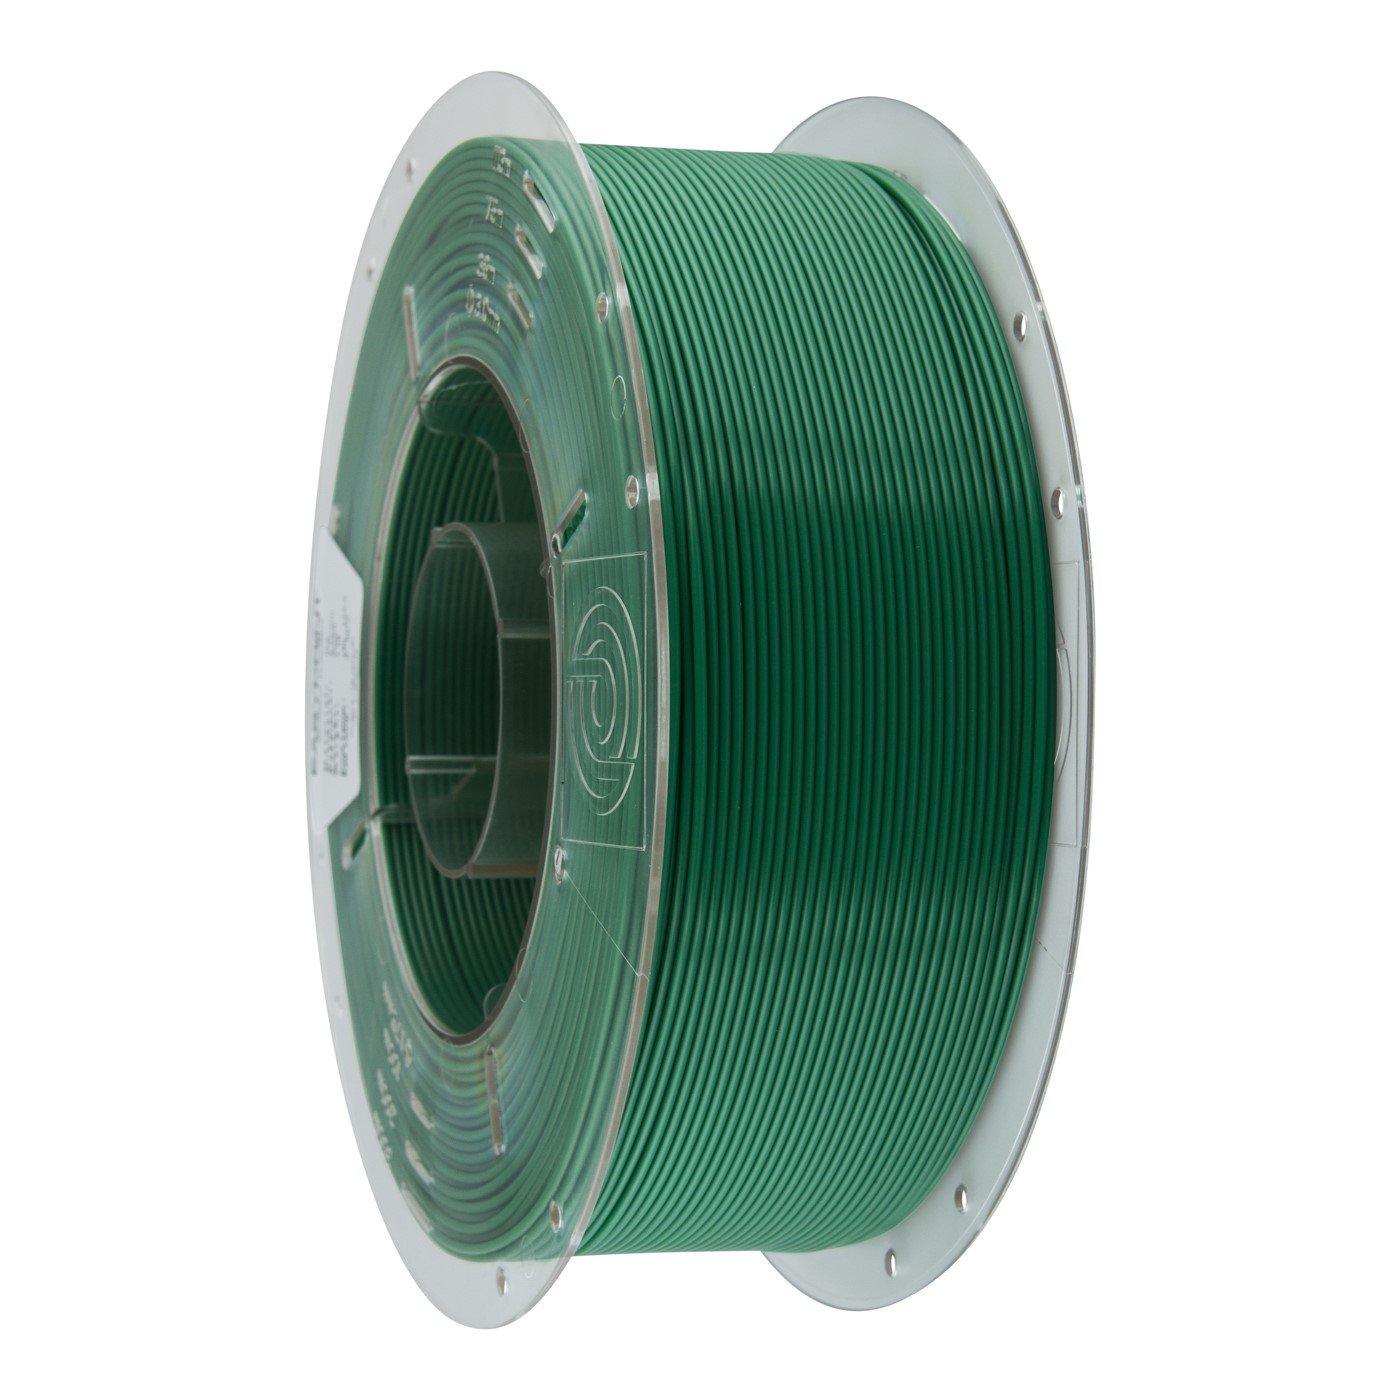 Filamento PLA 1.75mm 1kg COLOR FOTO-1 IMP 3D [7DLFKNQK]